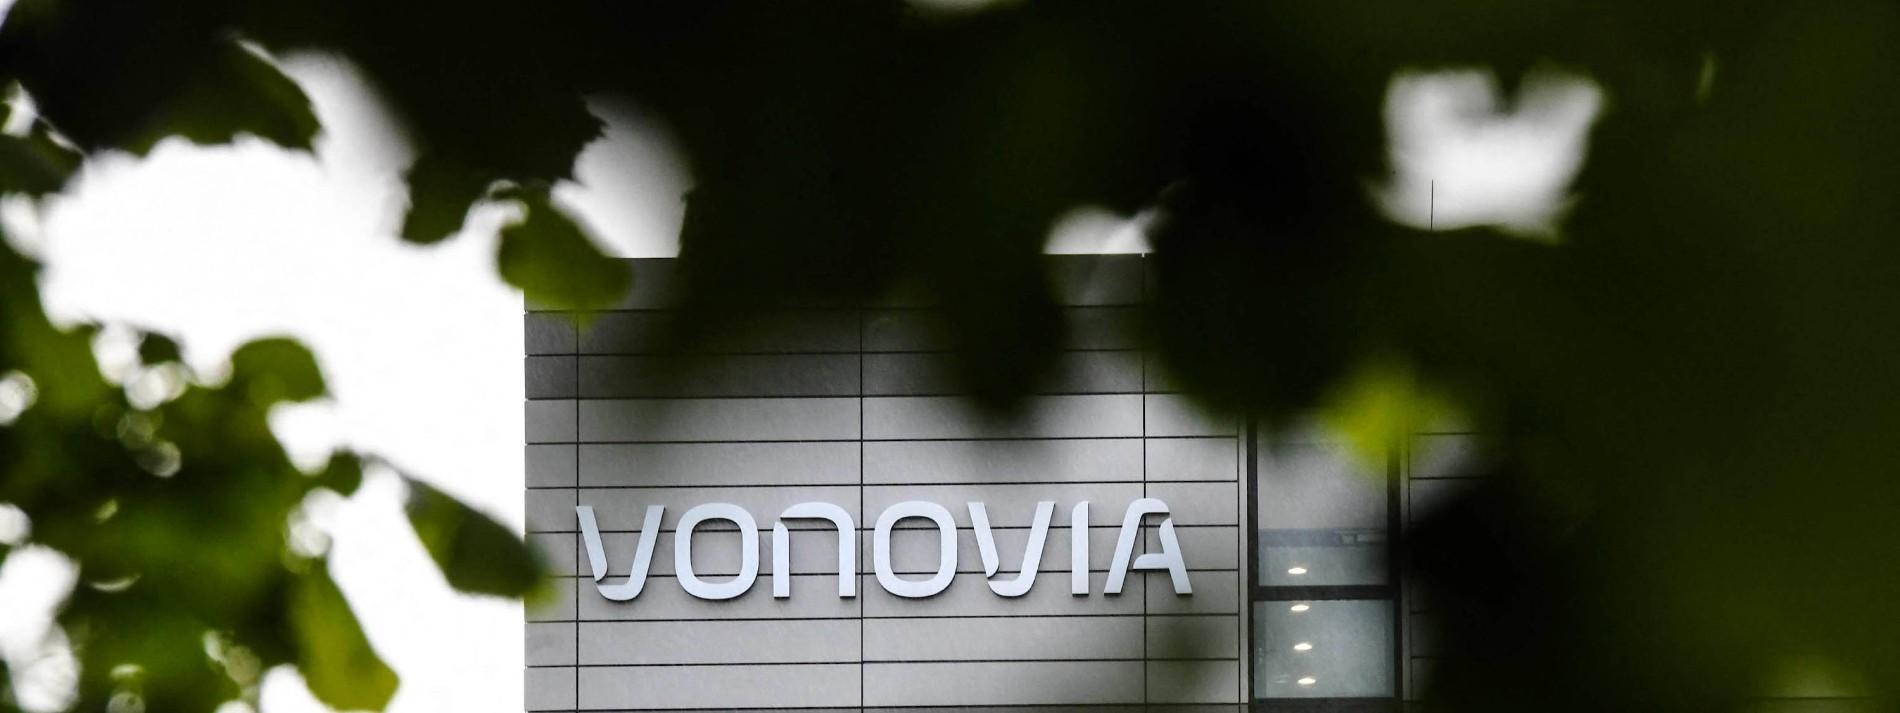 Grünes Licht für Fusion von Vonovia und Deutsche Wohnen